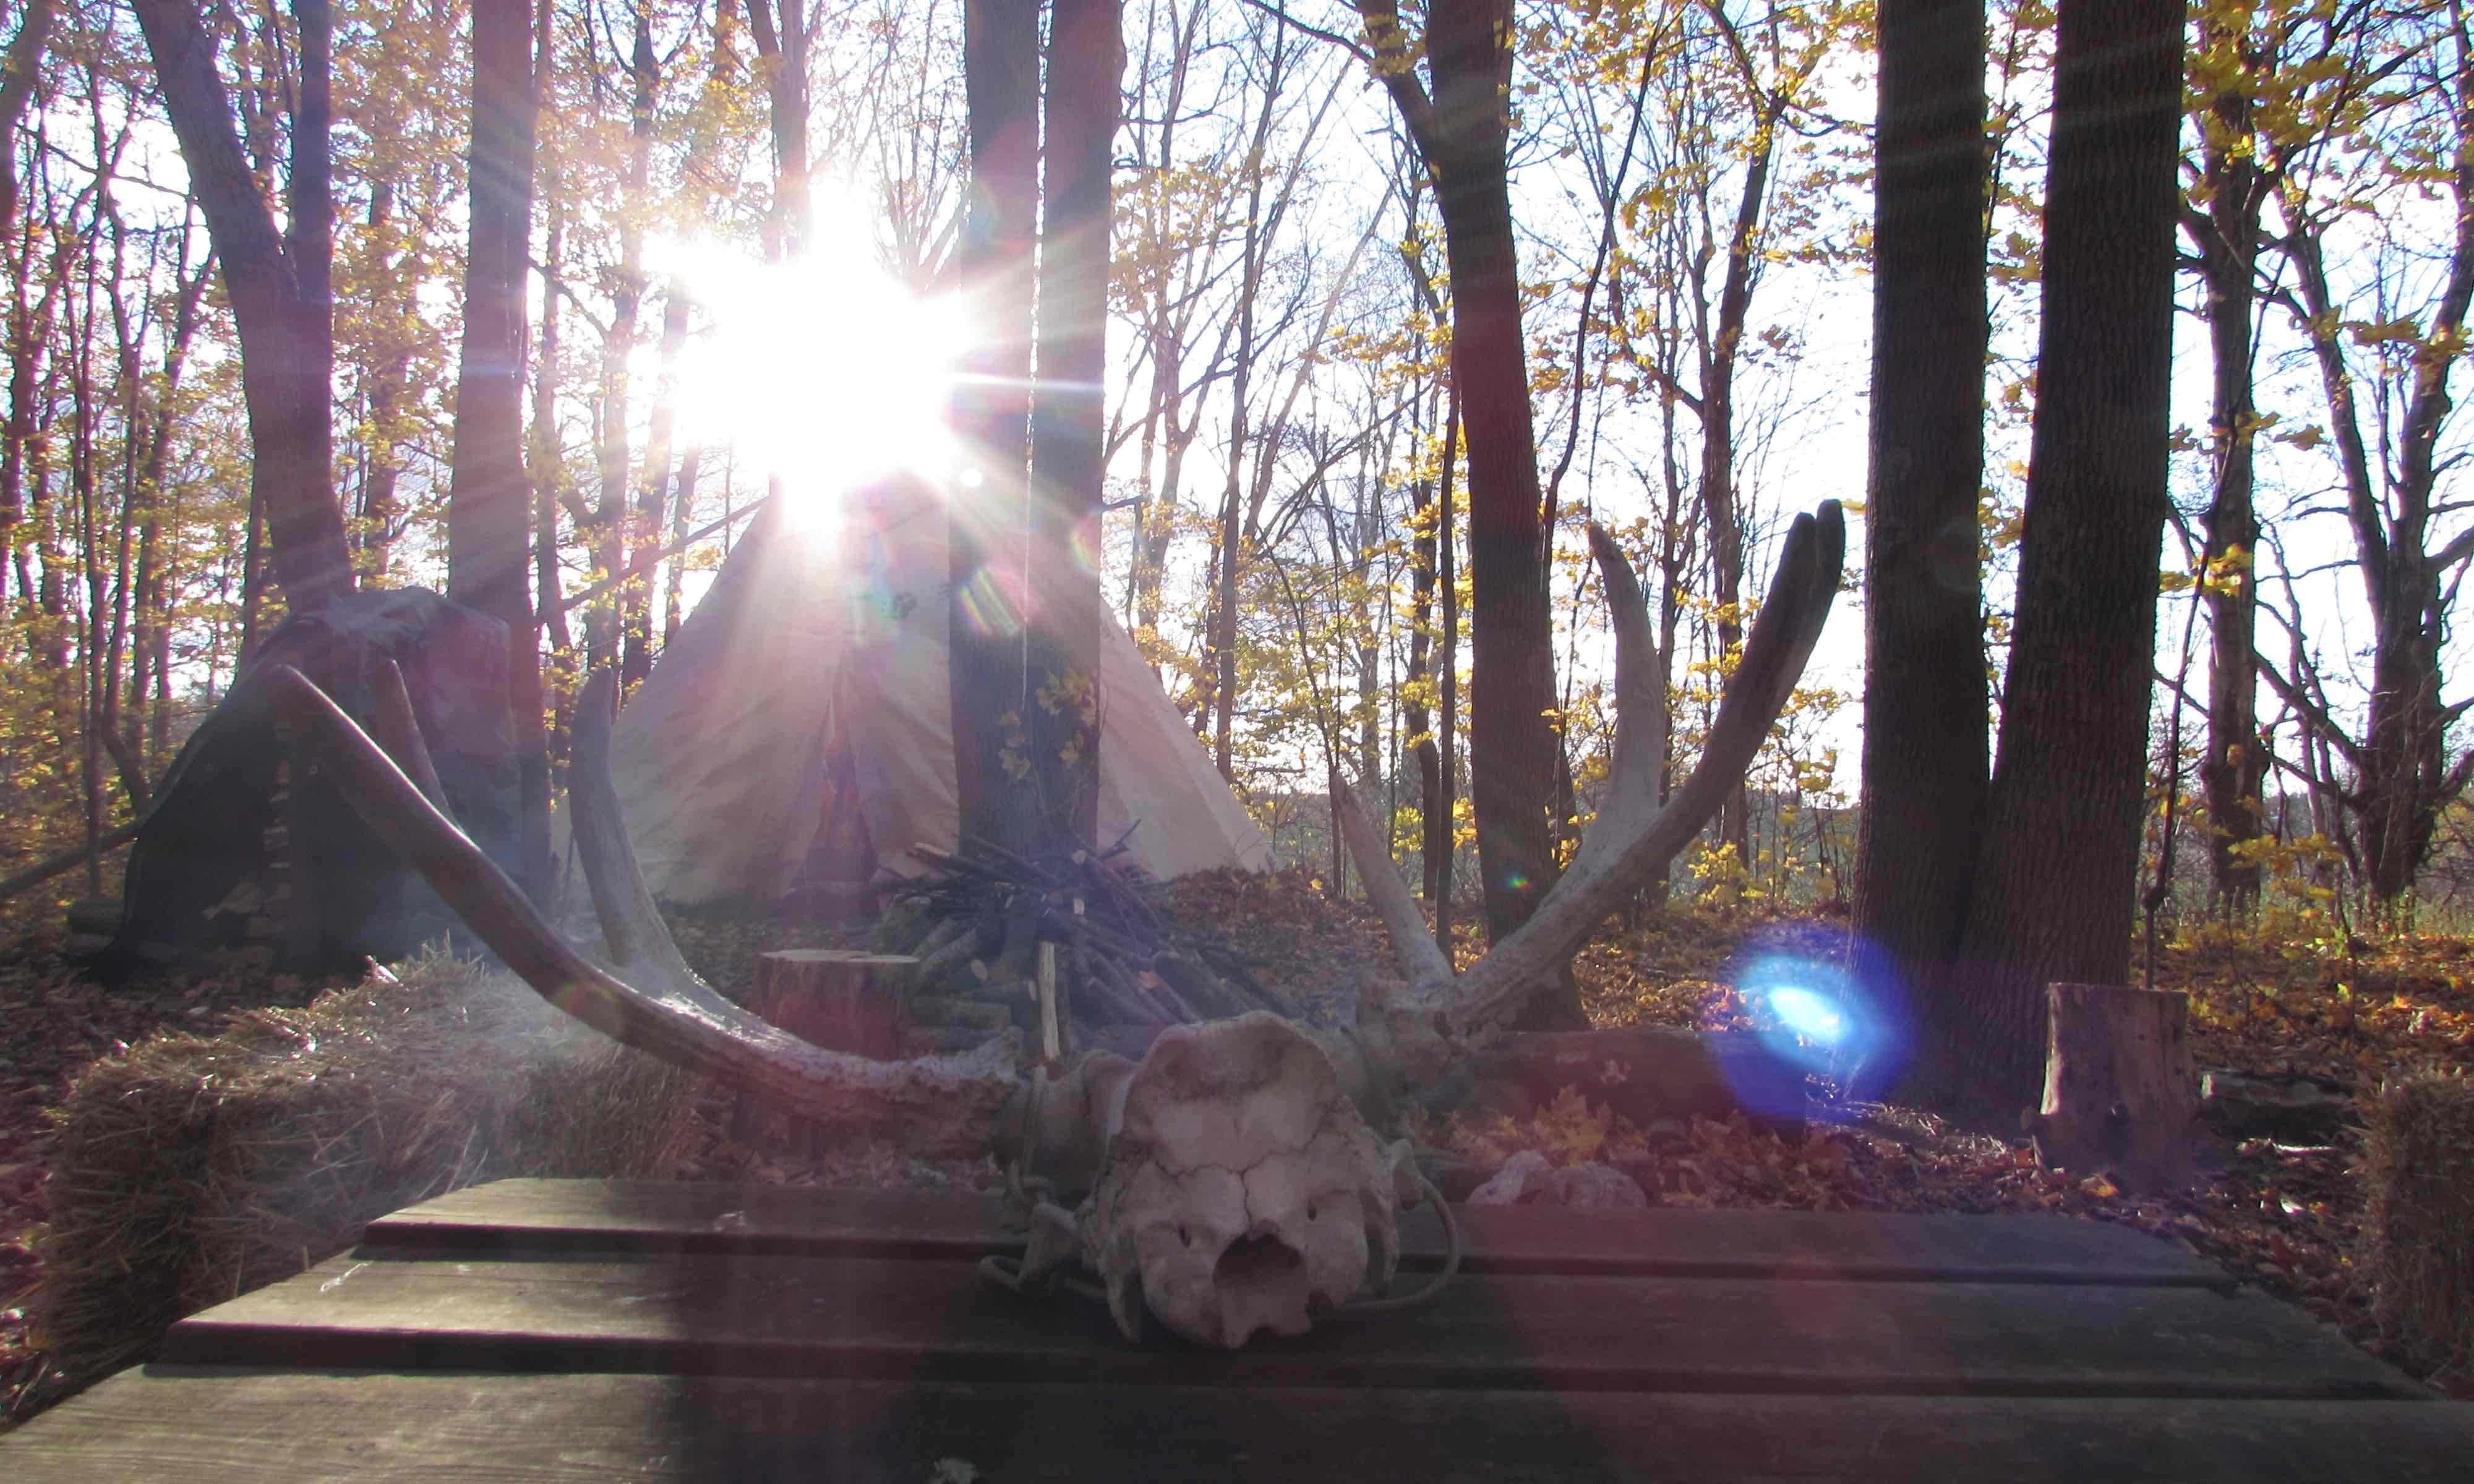 Before the Samhain